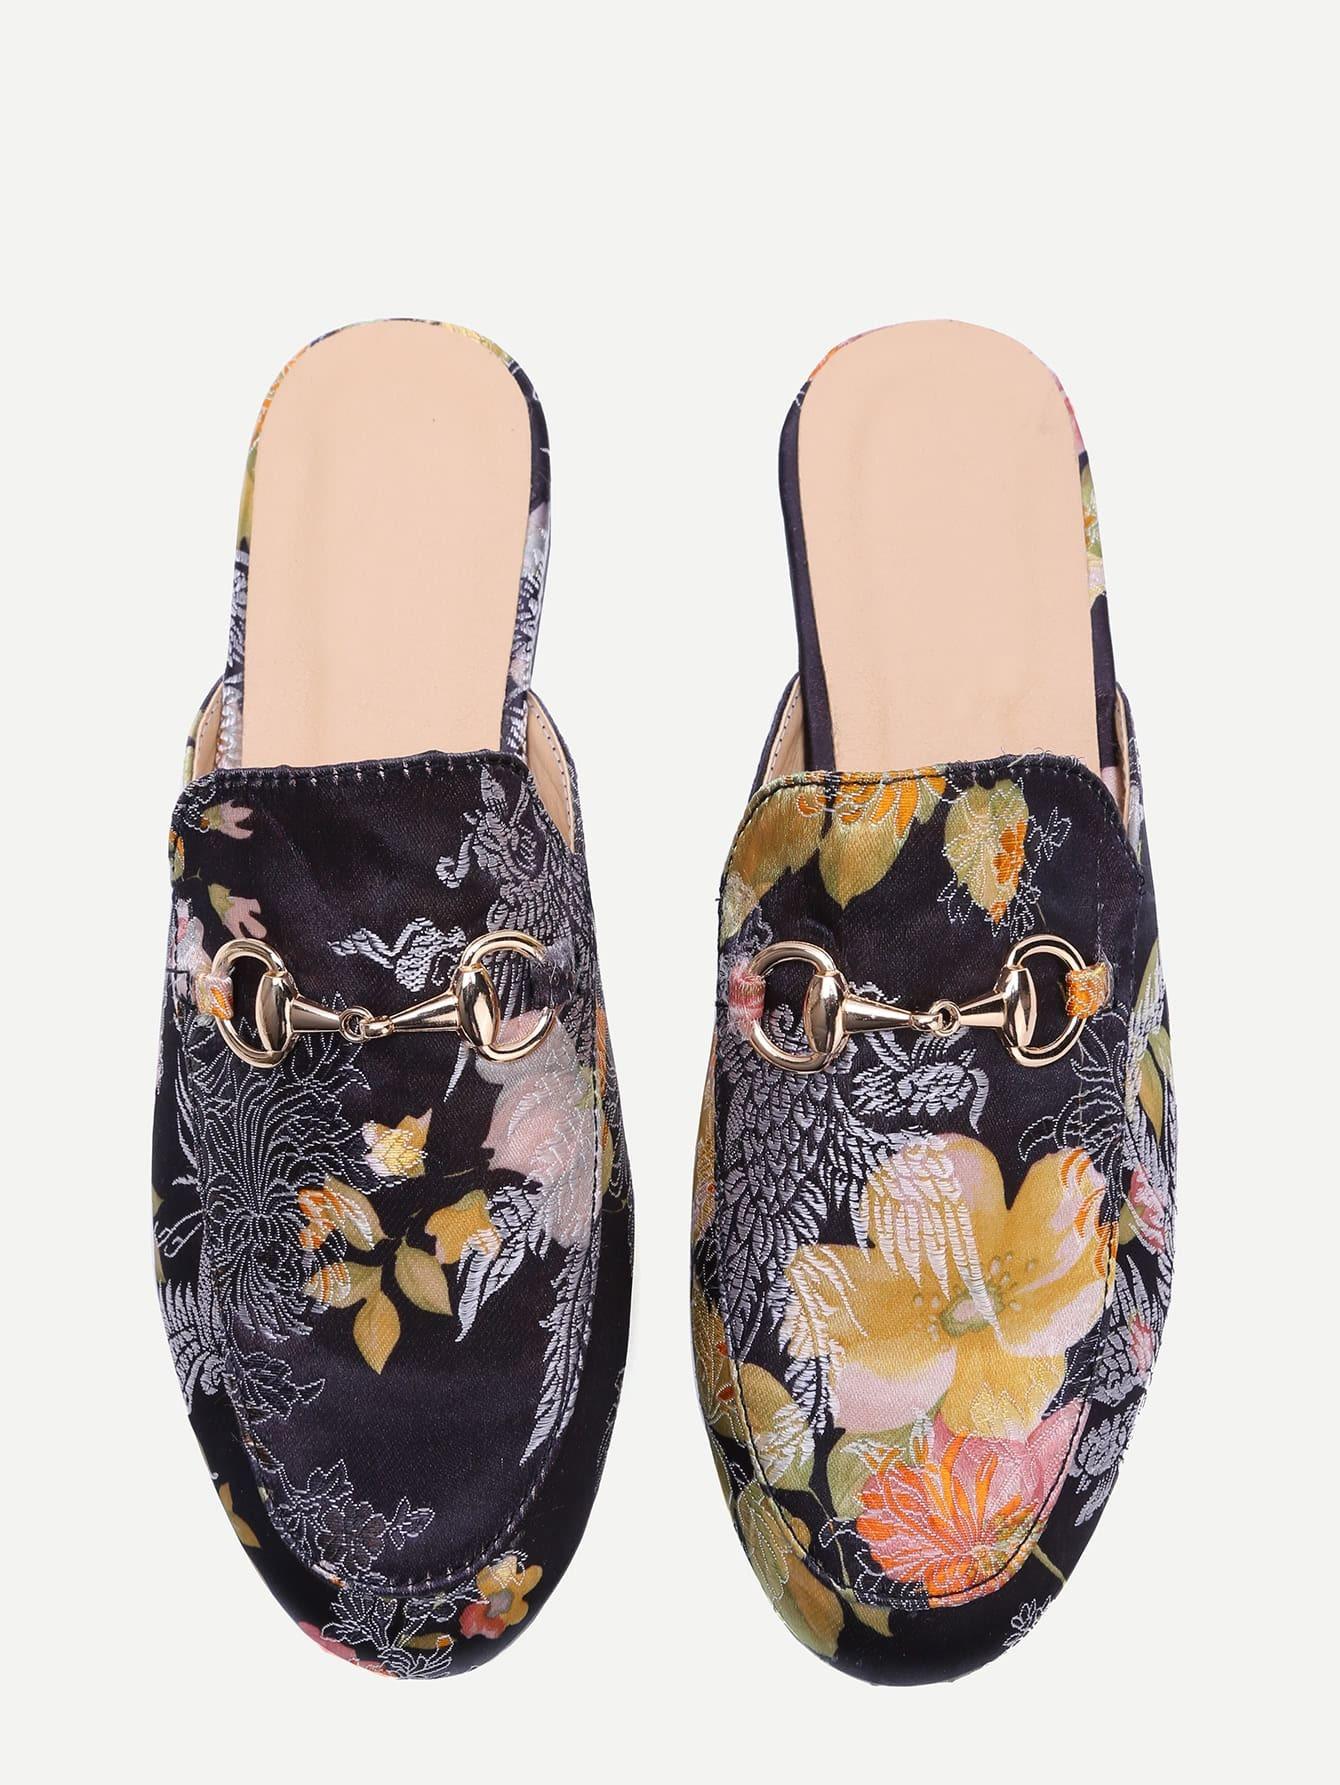 shoes170104801_2